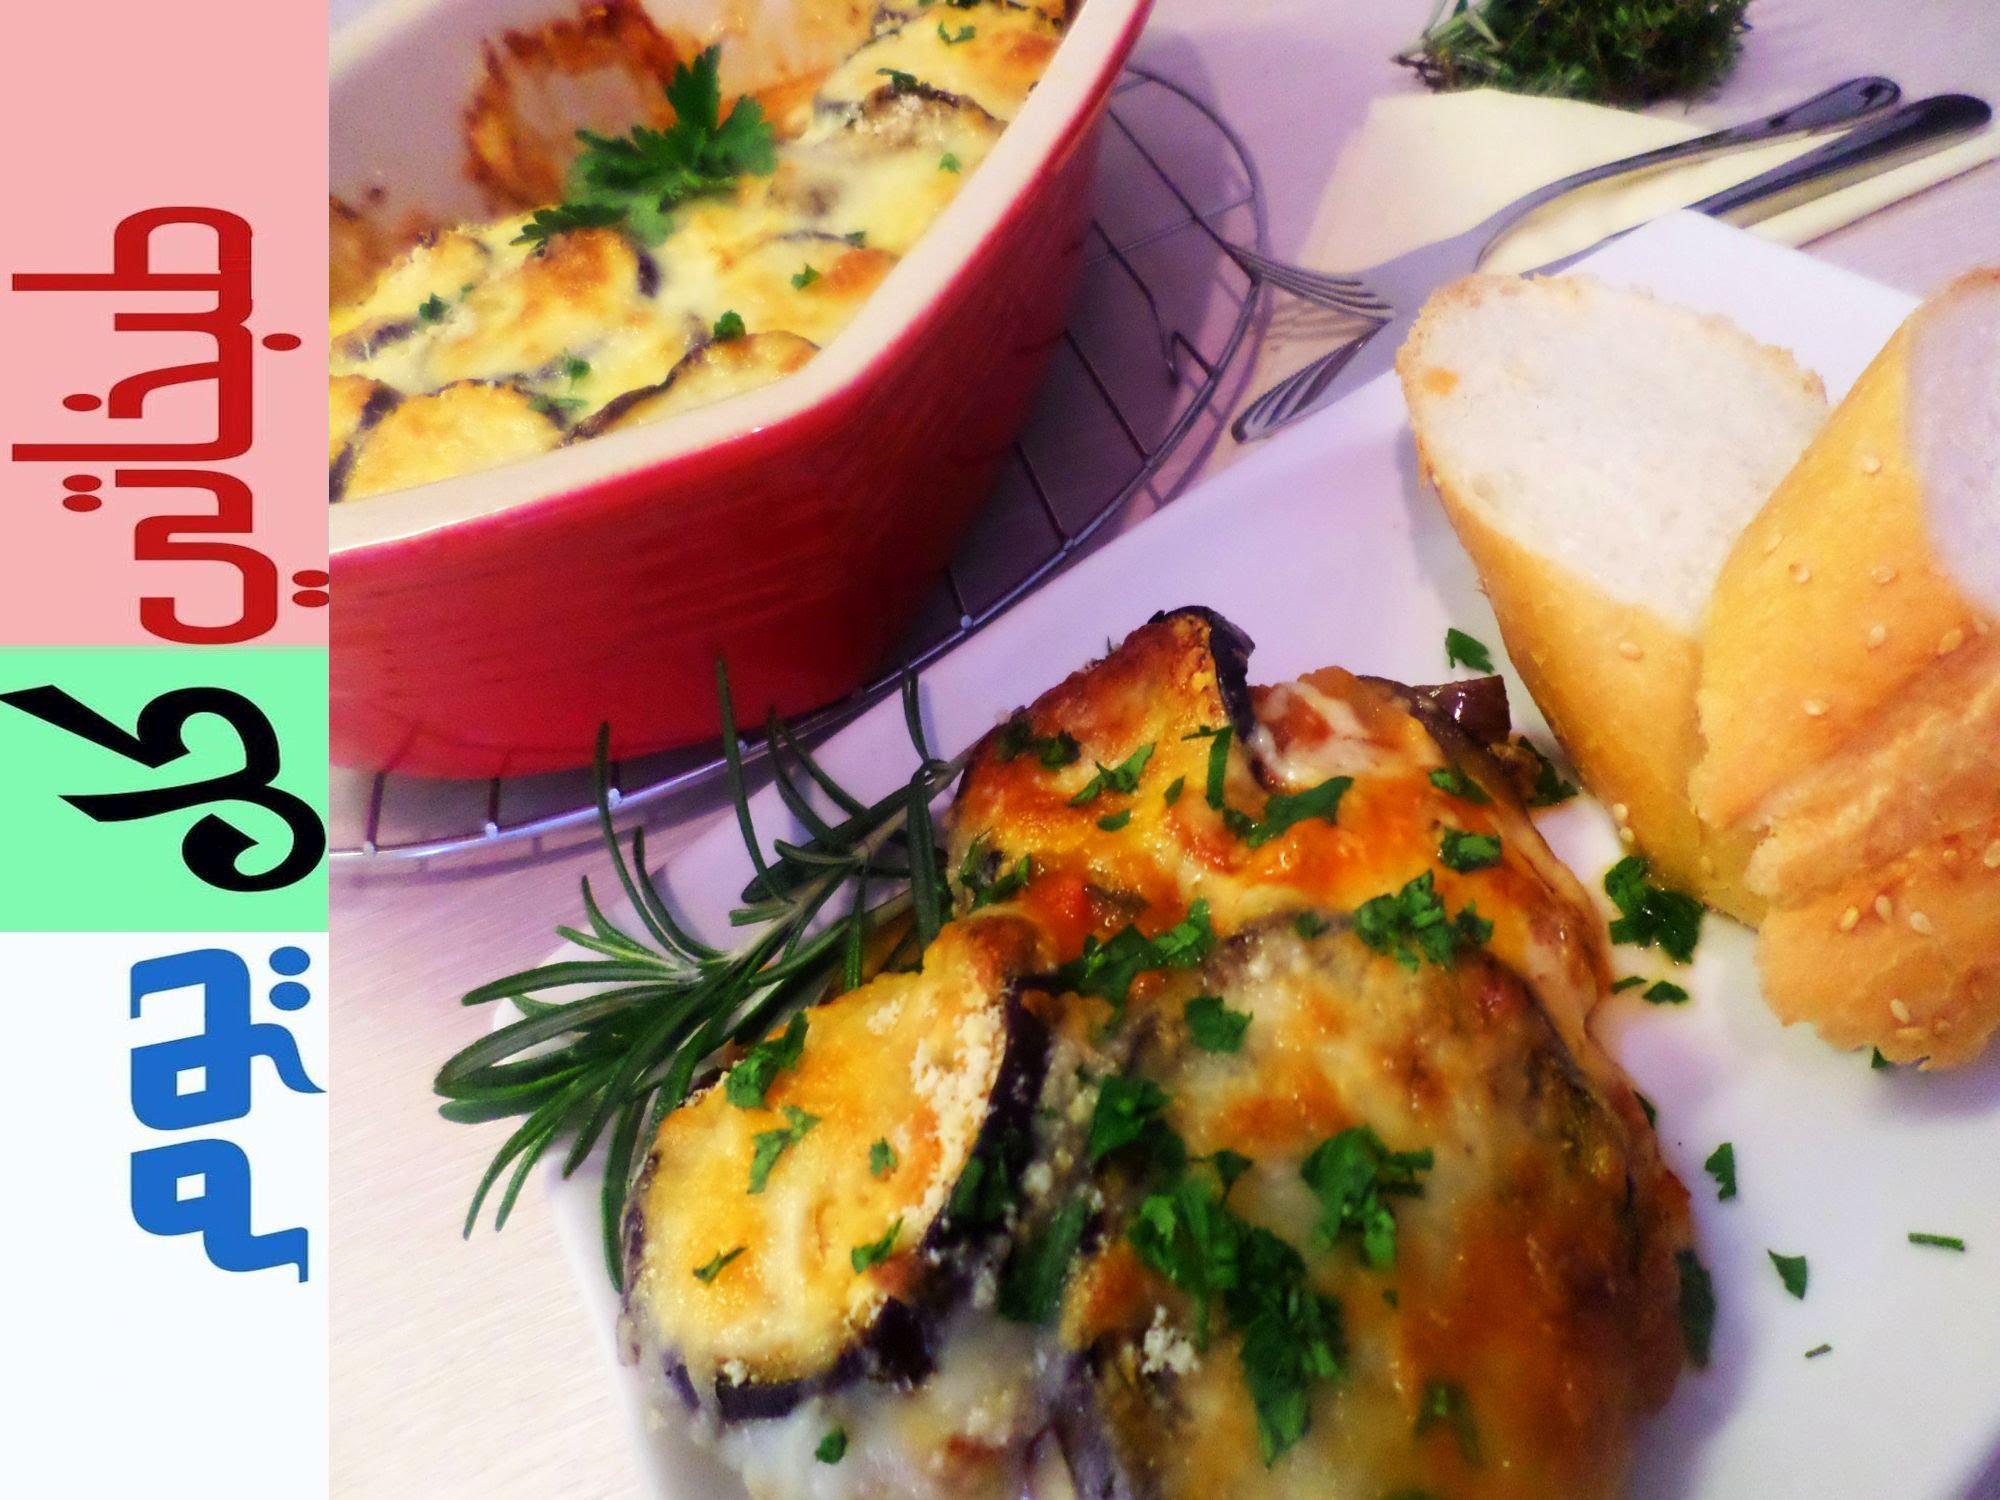 بالصور طبخه سهله , وصفات سهله للطبخ 3392 6